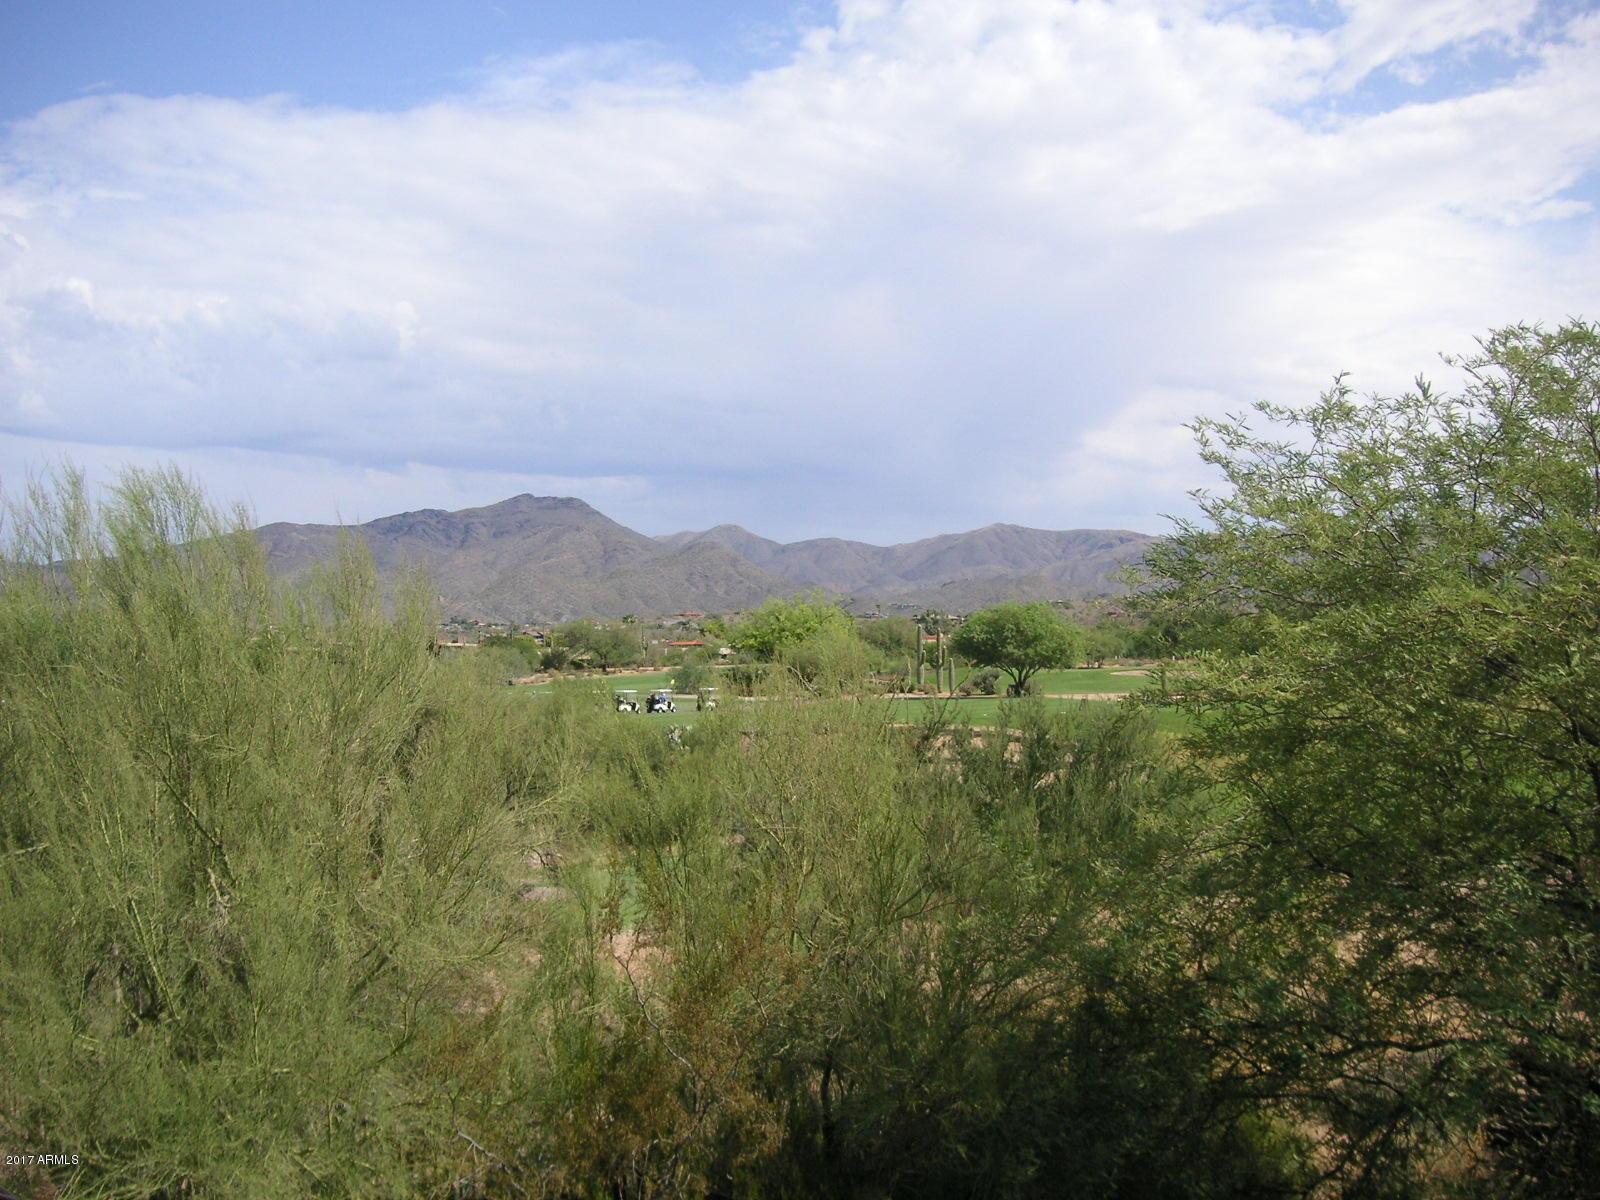 36601 N Mule Train Road # 2D, Carefree, Arizona 85377, 2 Bedrooms Bedrooms, ,Residential Lease,For Rent,36601 N Mule Train Road # 2D,6185954